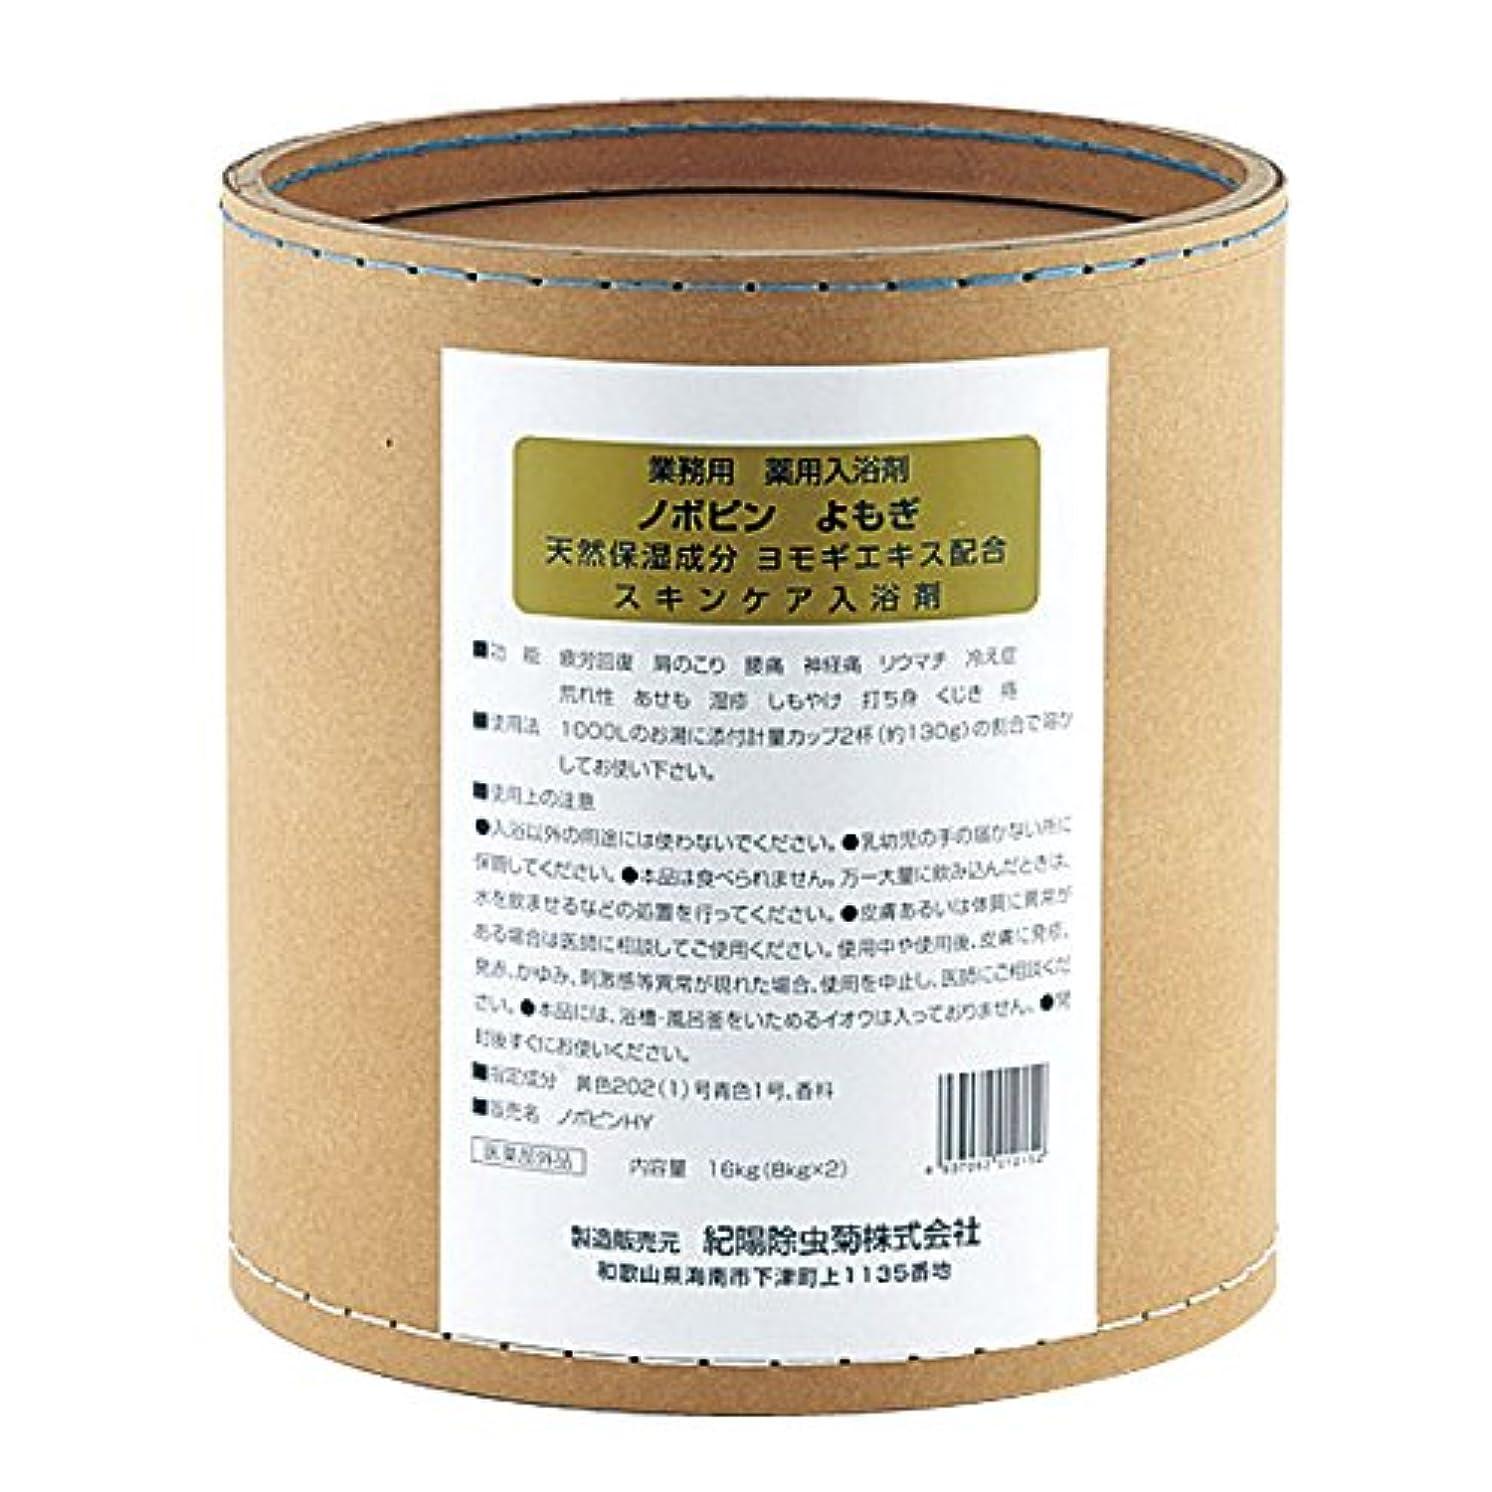 ホーン王族粒子業務用入浴剤ノボピンよもぎ16kg(8kg*2)